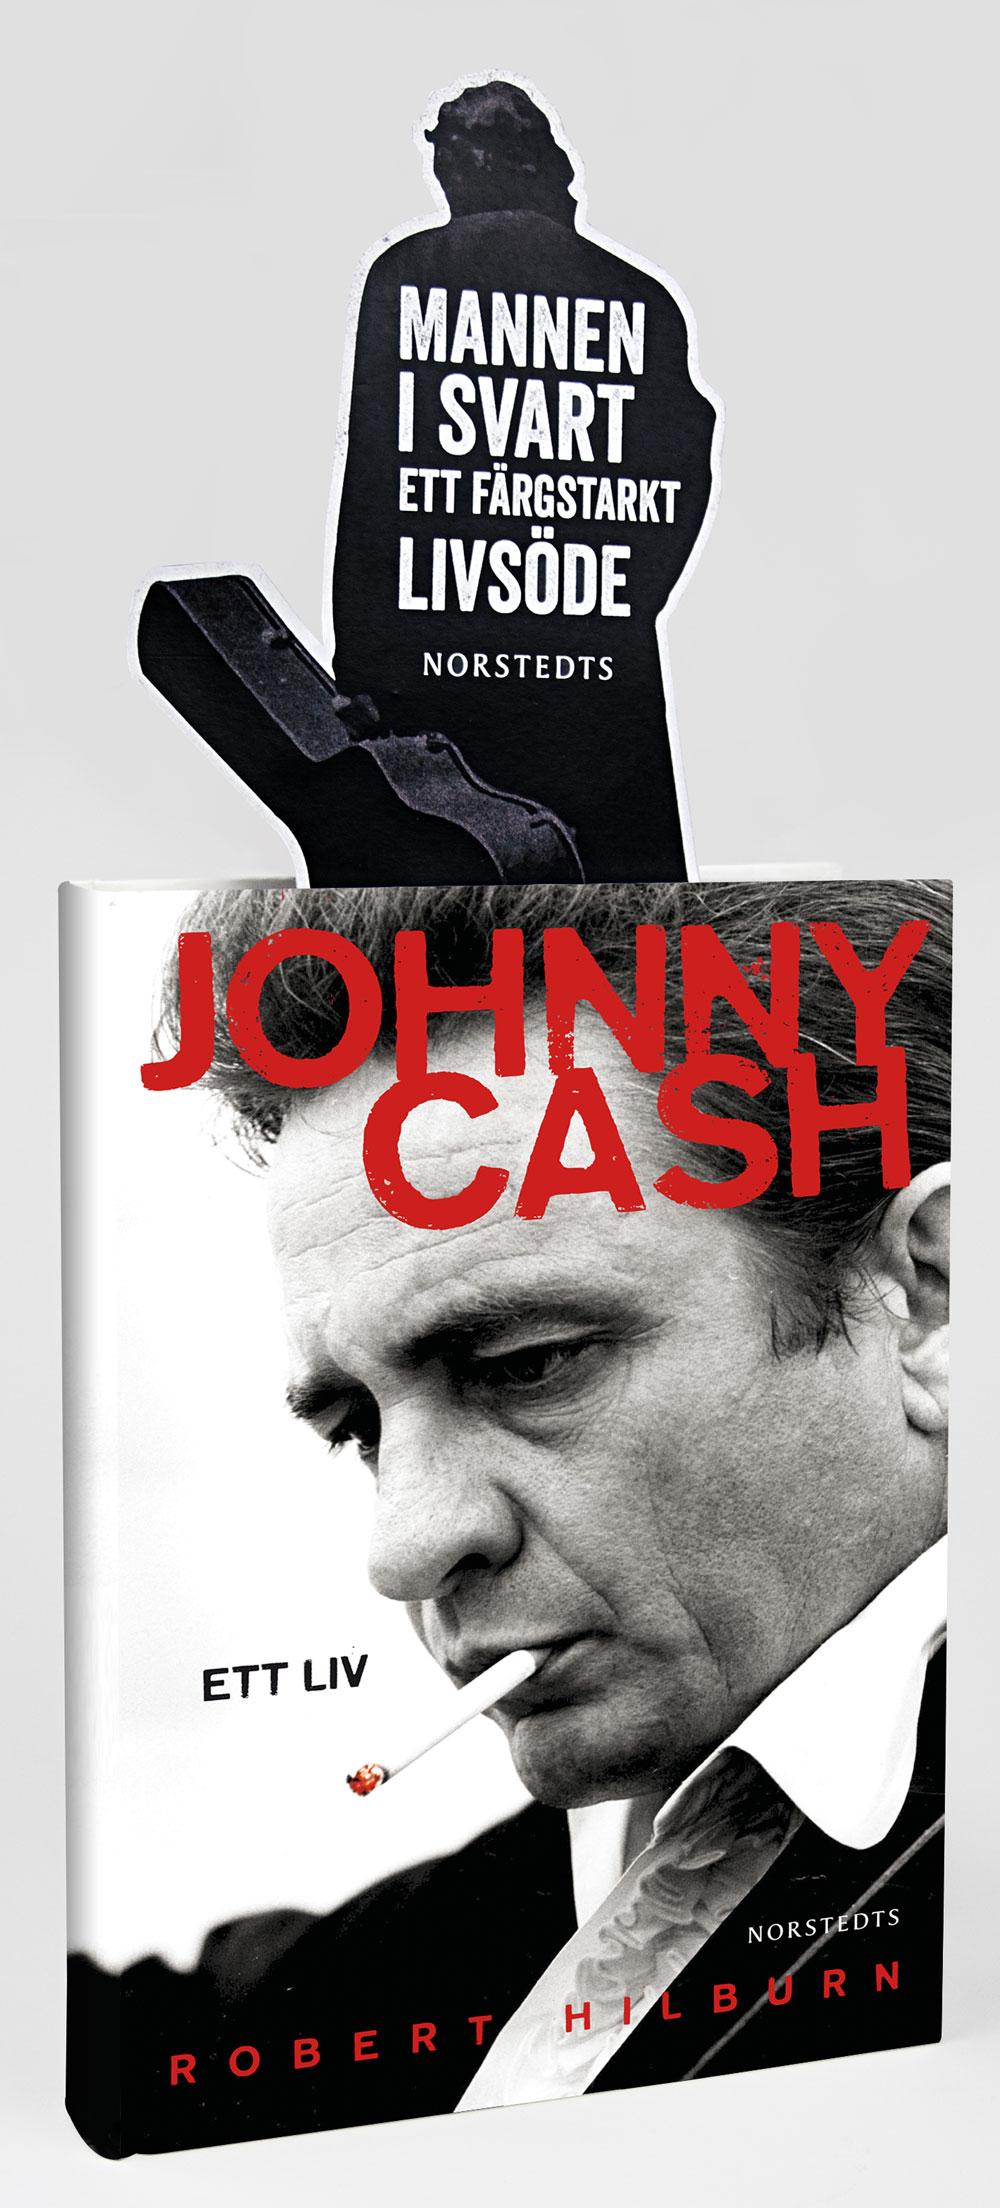 Amerikanen Robert Hilburn har skrivit en hyllad biografi om Johnny Cash, som ges ut på svenska av Norstedts. Nkel stod för idé och produktion av butiksmaterial, bland annat insticksskylten..